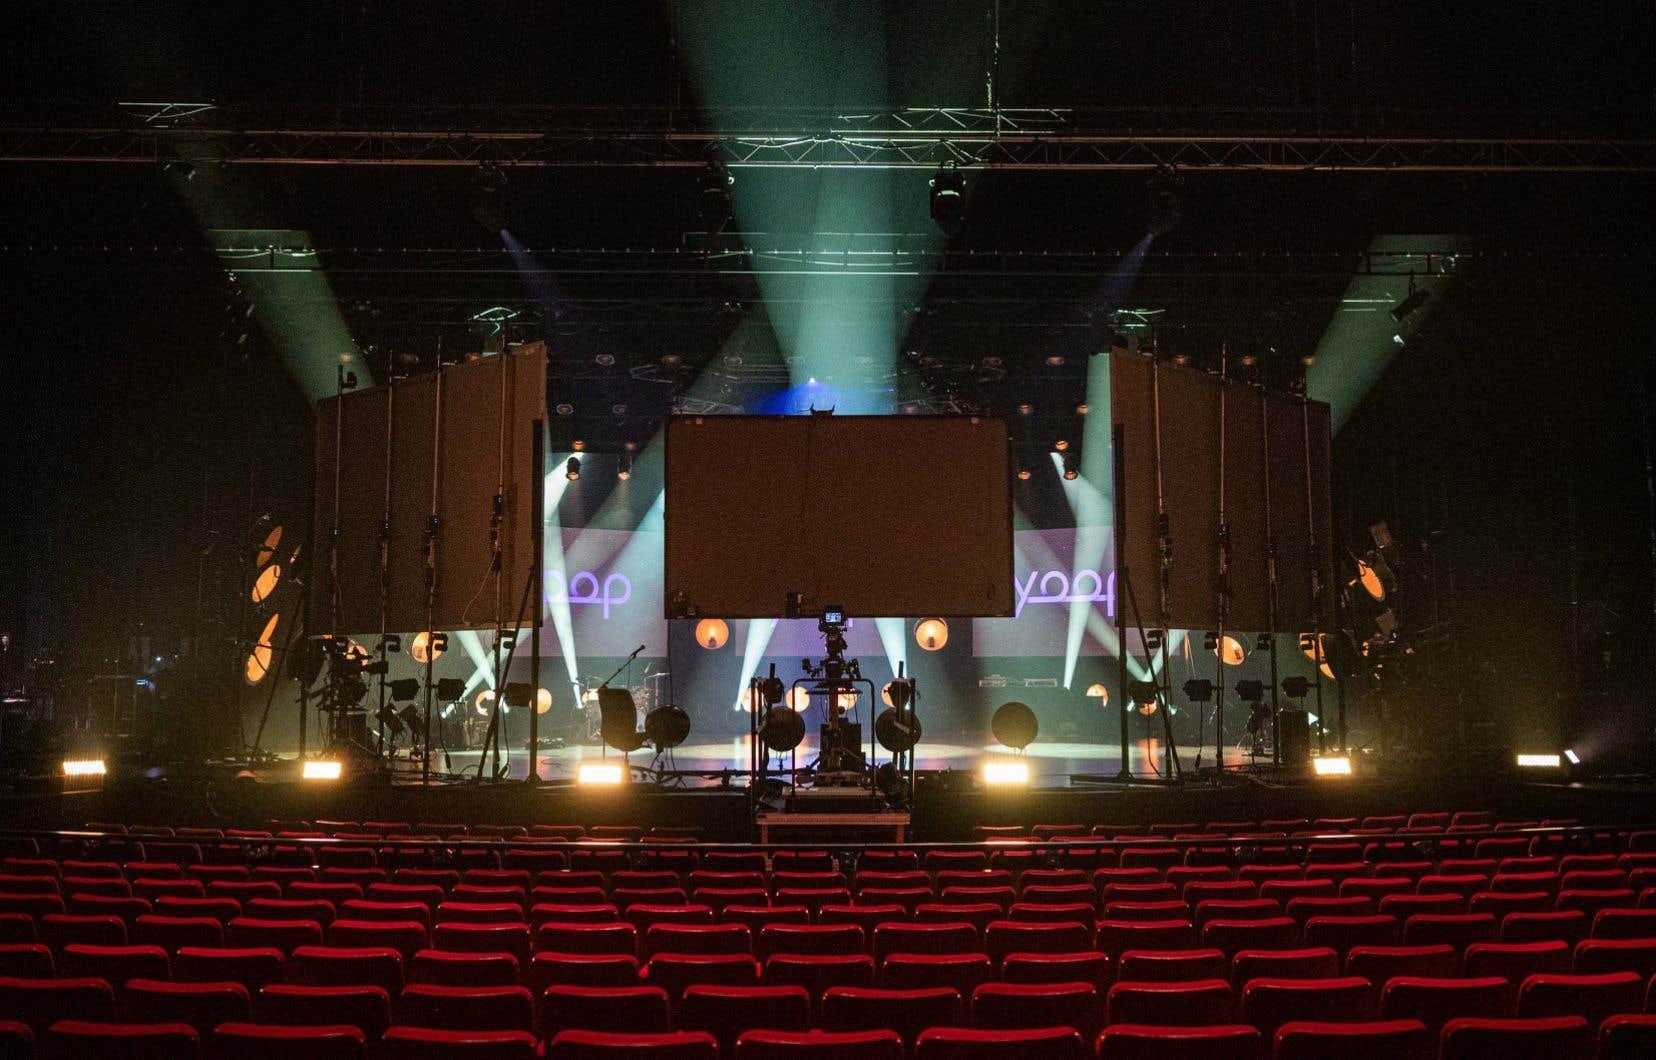 Yoop a installé à Montréal un lieu de tournage fixe et tout équipé sur la scène de la salle Wilfrid-Pelletier de la Place des Arts.